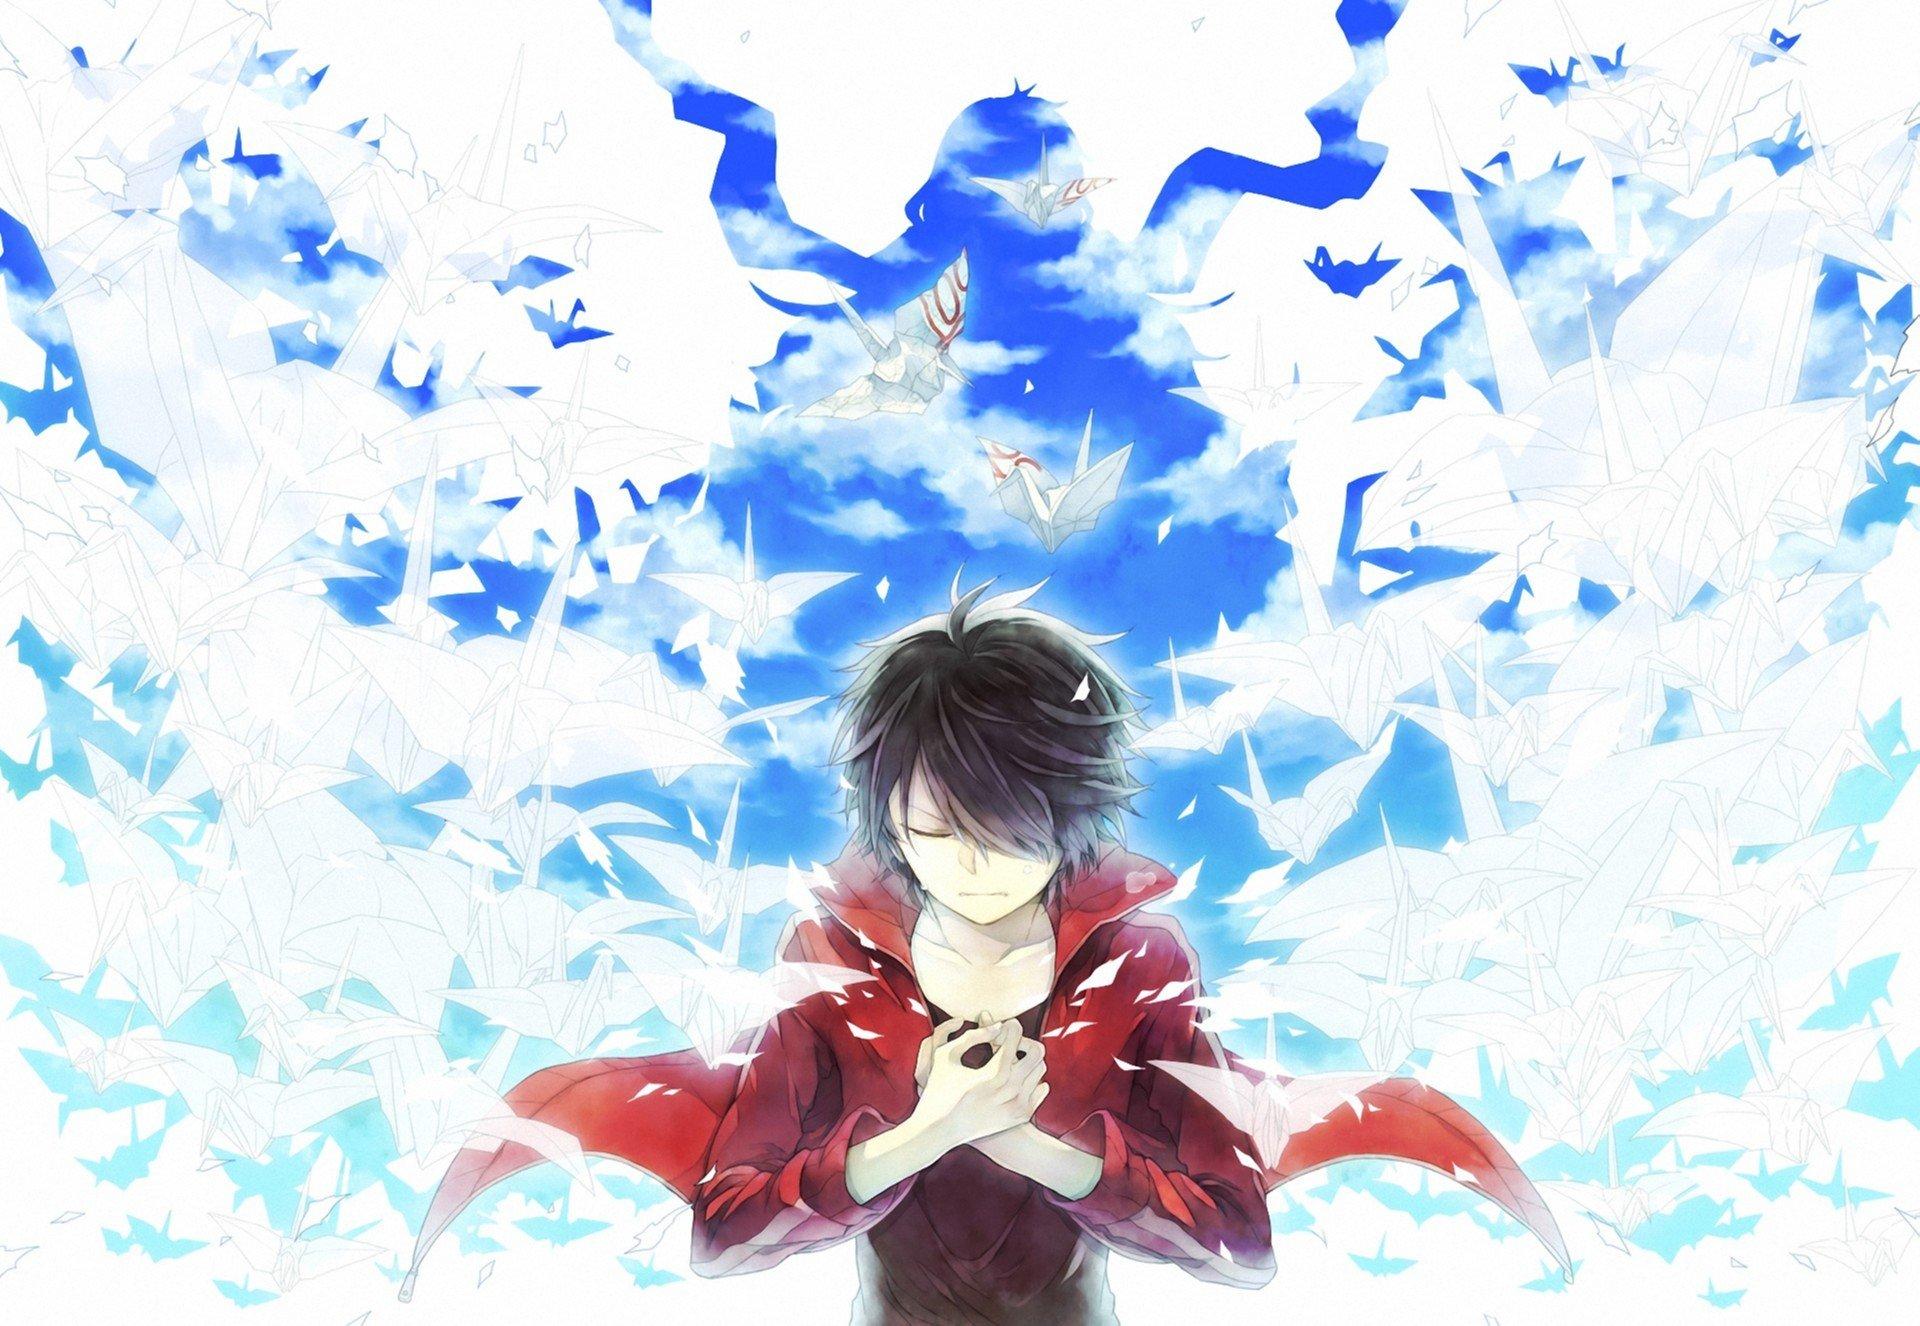 Birds Guy Origami Art Blue Sky White Wallpaper